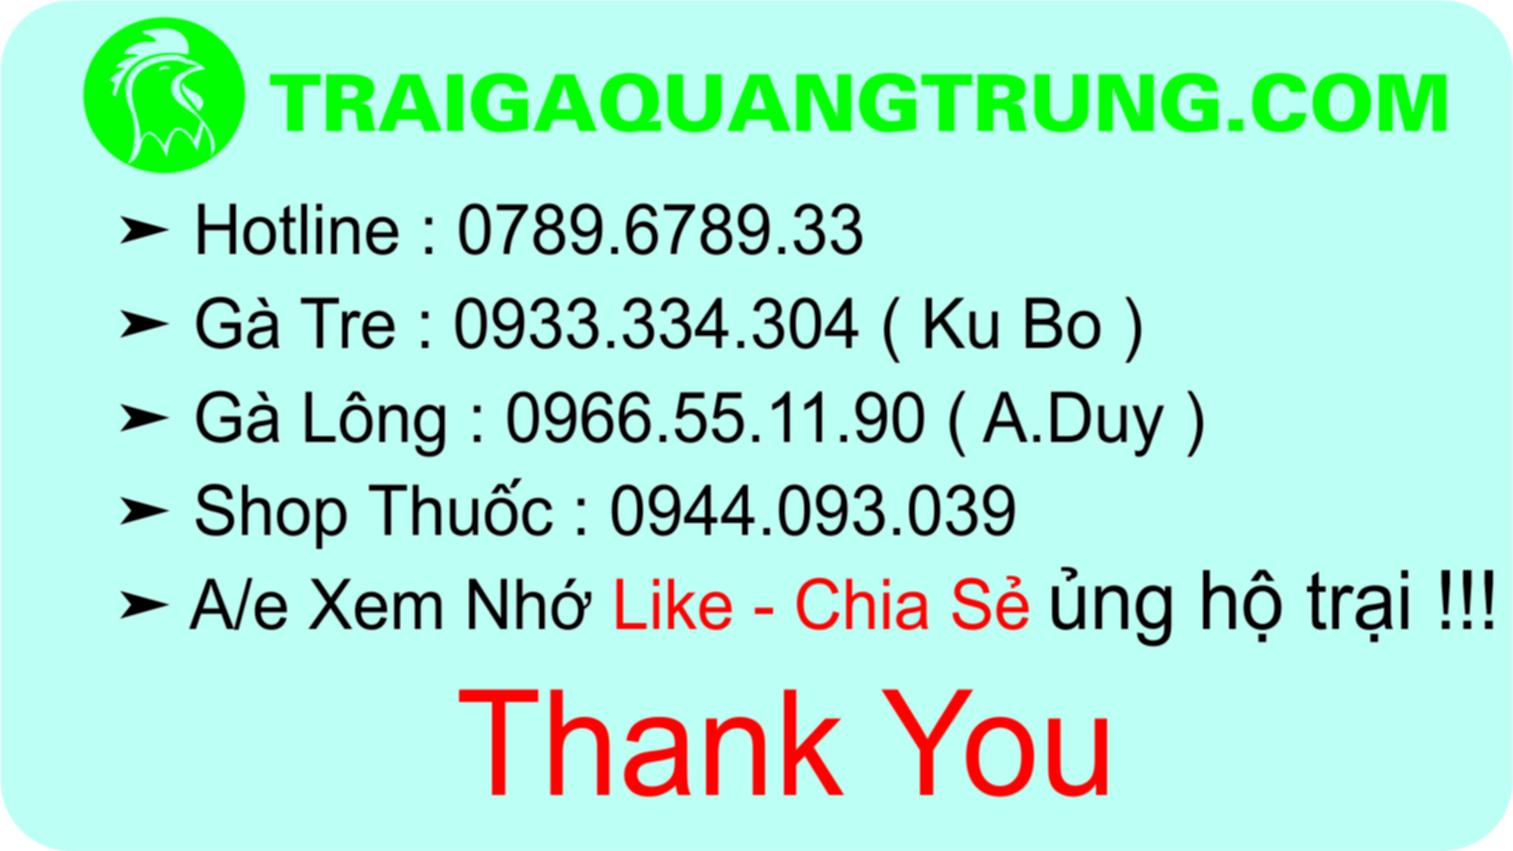 Lên Top 4 Gà Lông - A/e LH : 0966.55.11.90